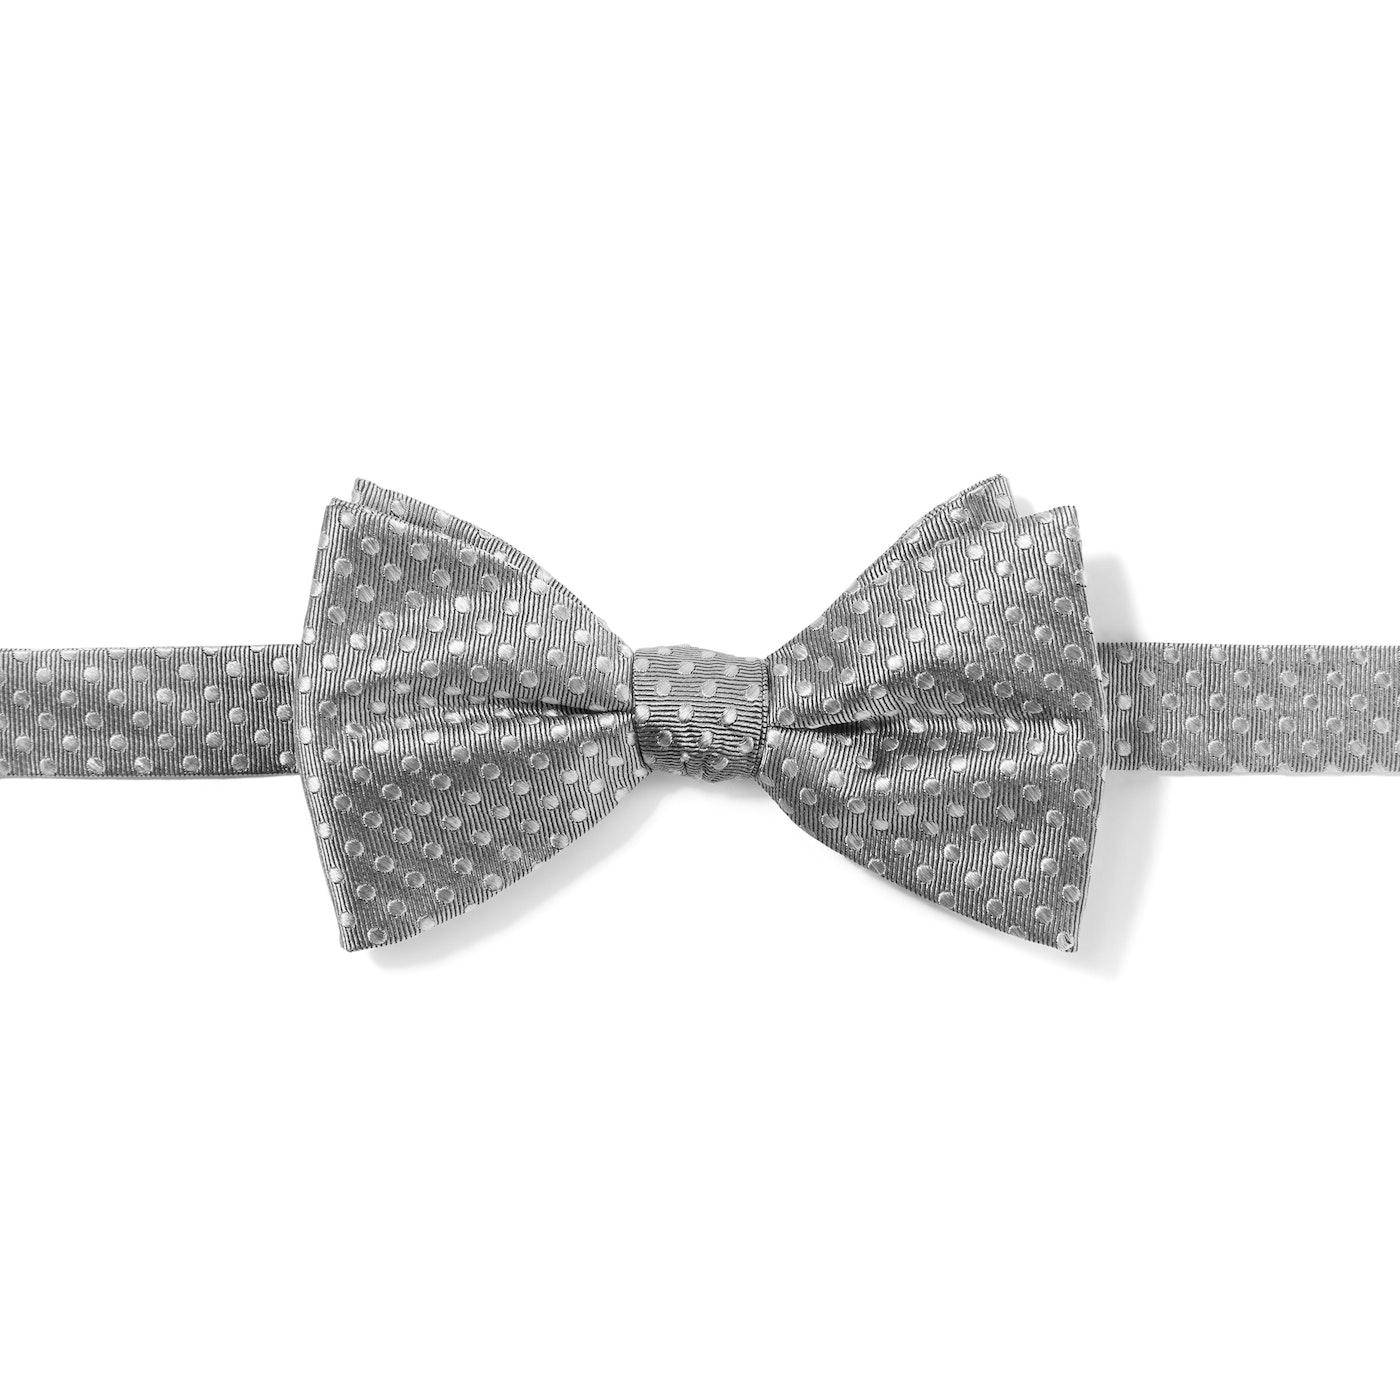 Silver Polka Dot Pre-Tied Bow Tie